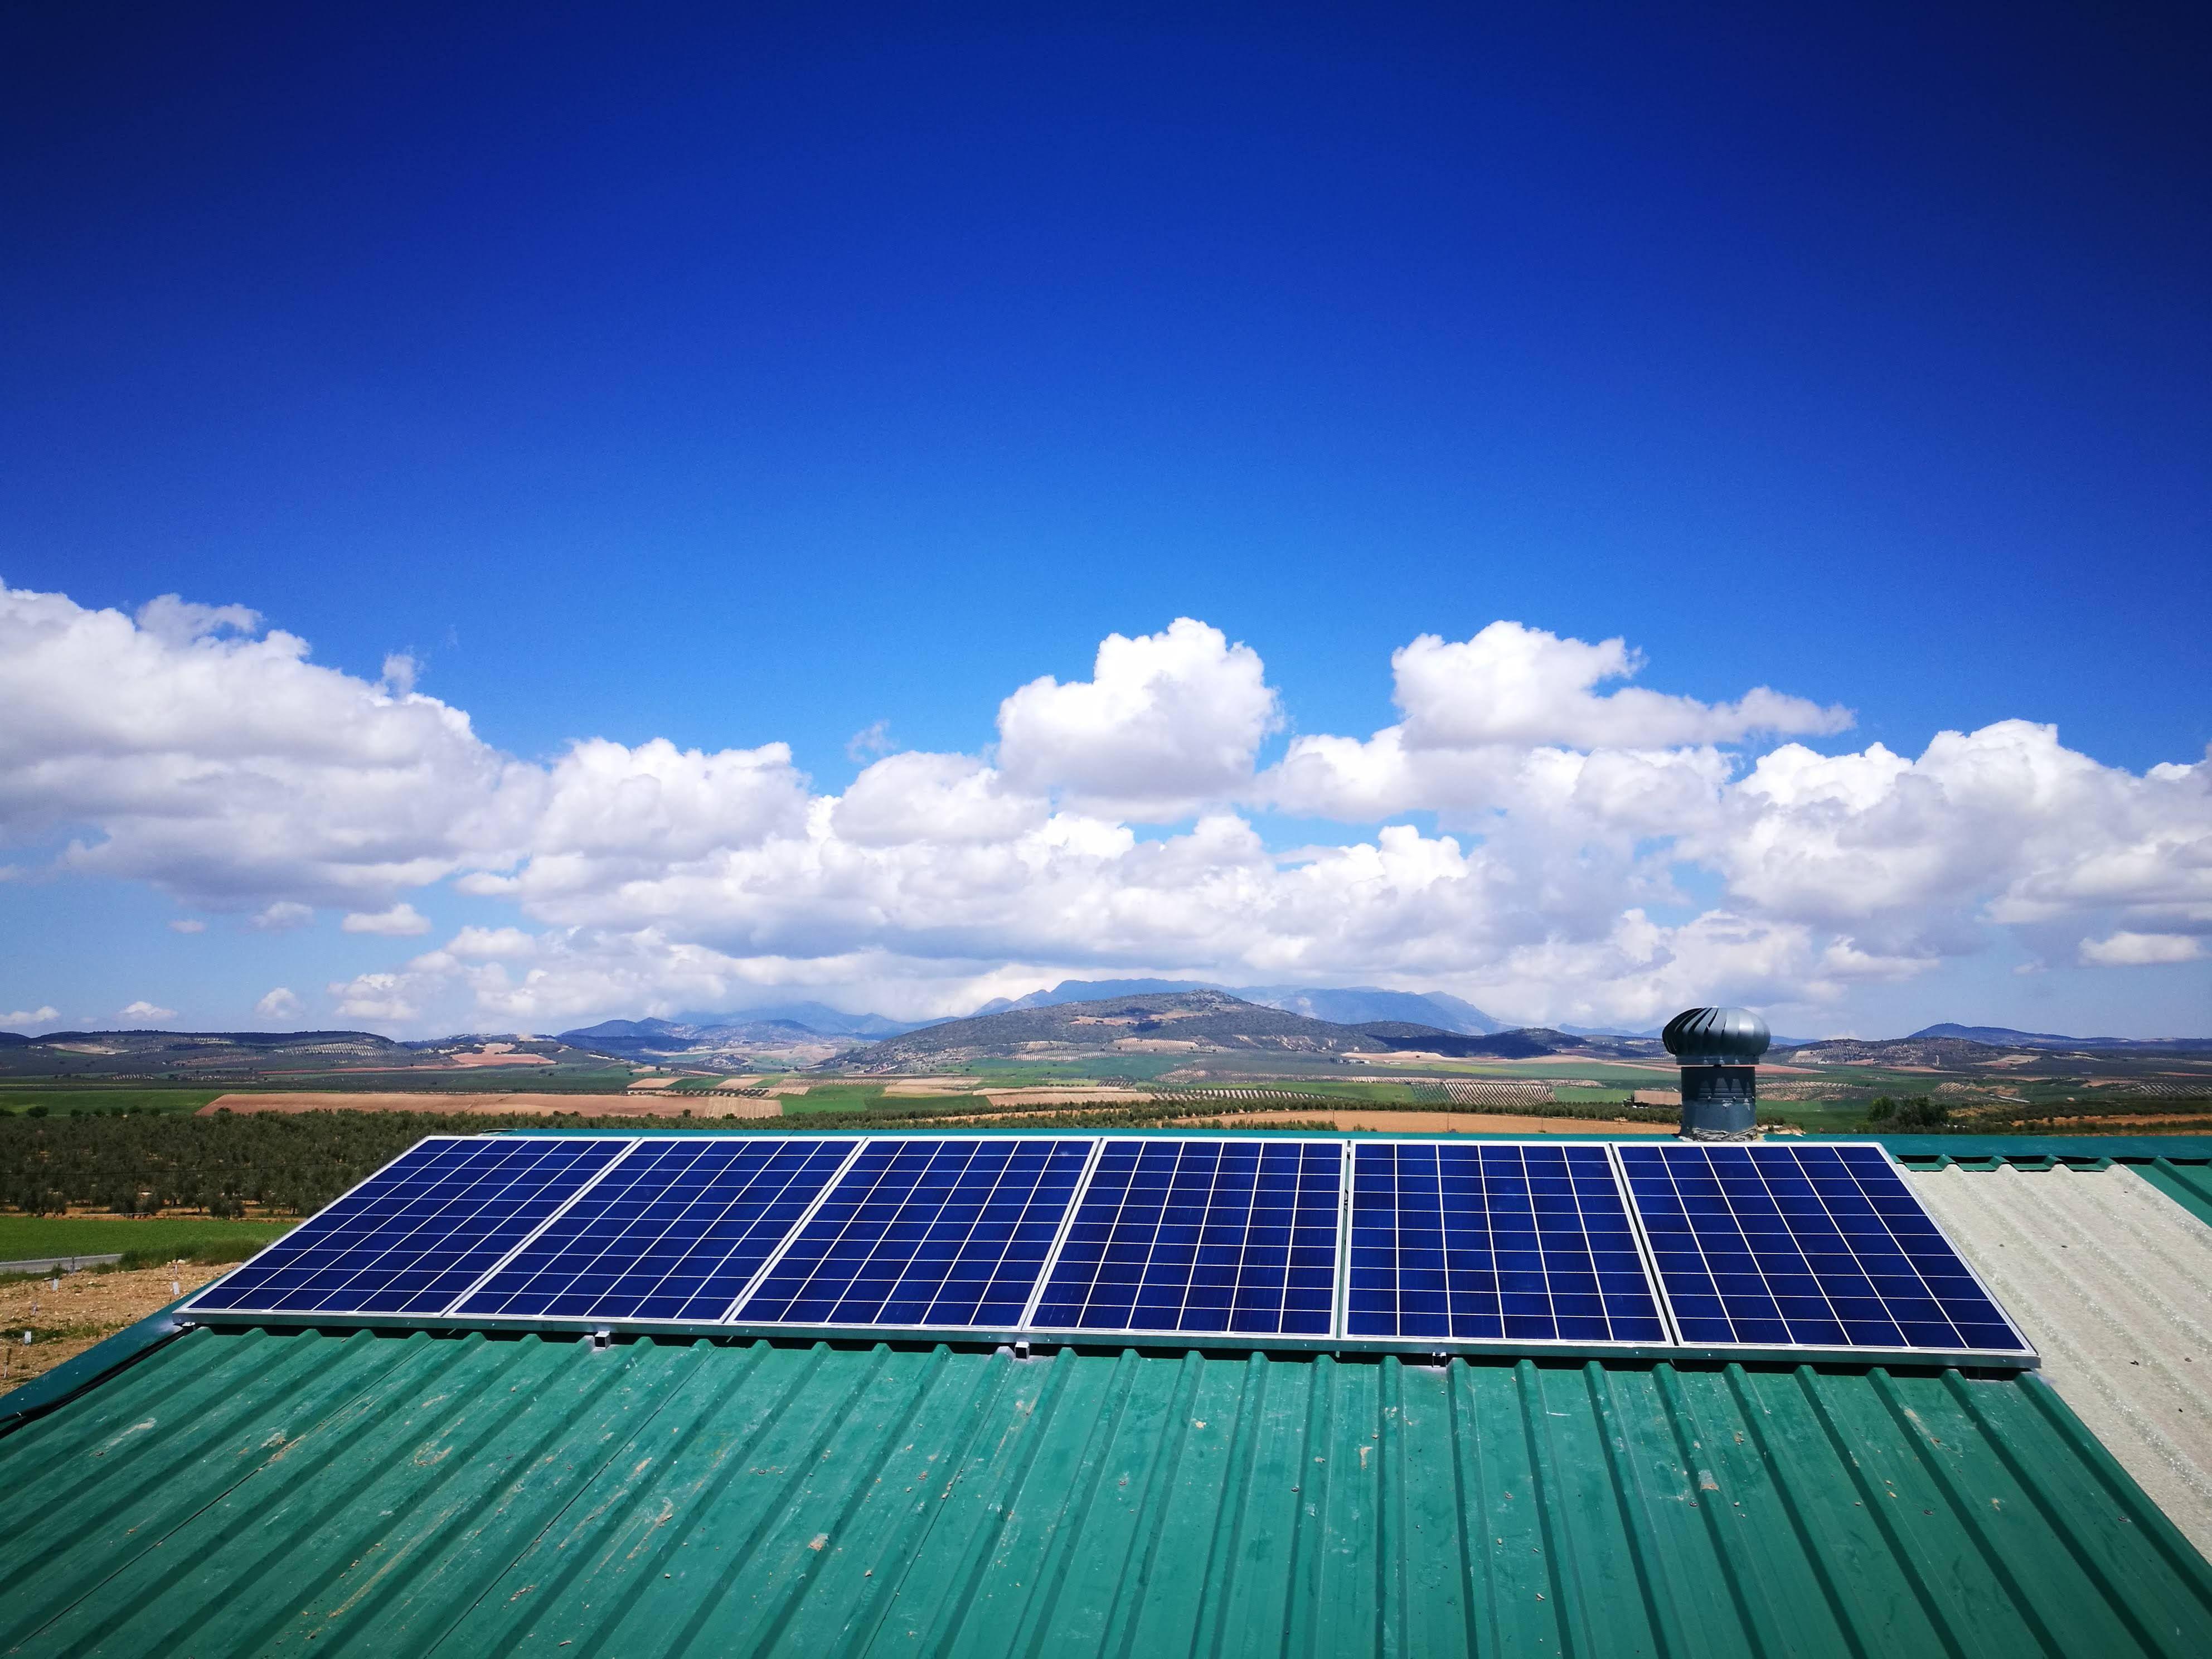 Energía solar en Huelma, Jaén